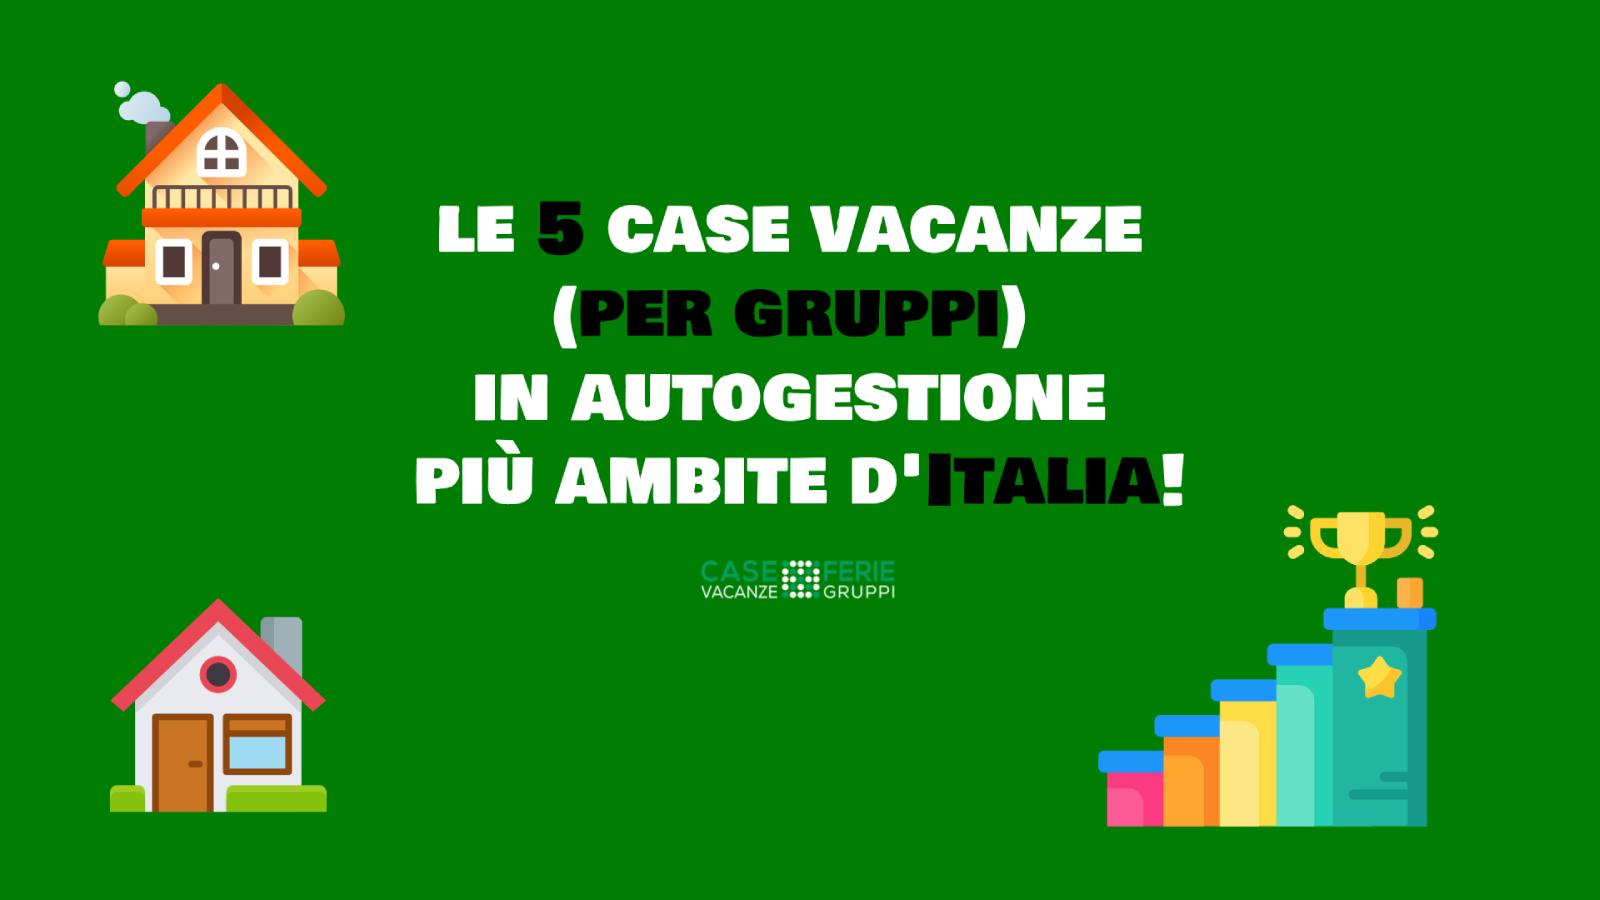 Ecco le 5 case vacanze (per gruppi) in autogestione più ambite d'Italia!